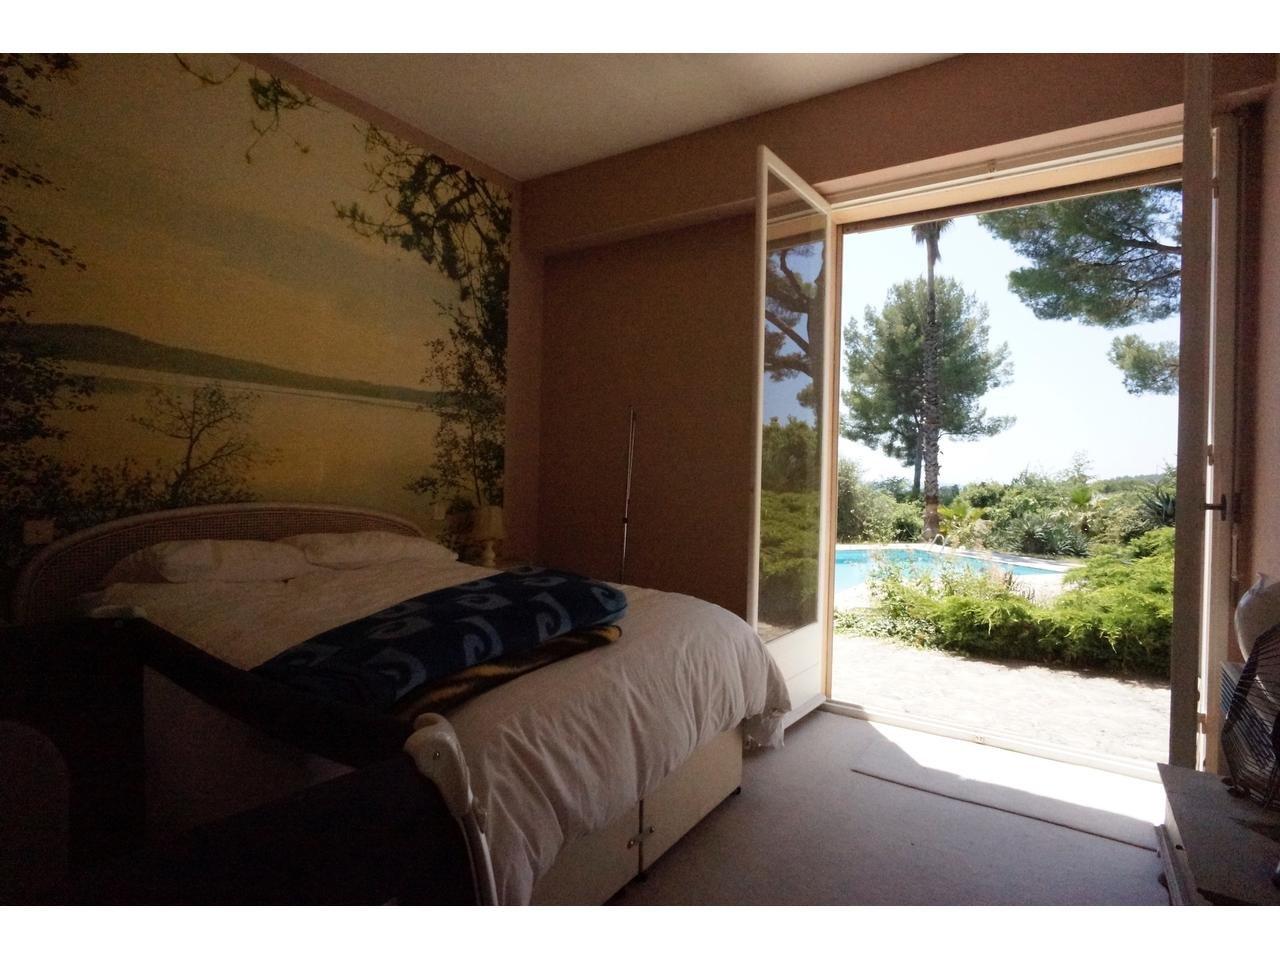 Maison  7 Pièce(s) 400 m²  à vendre